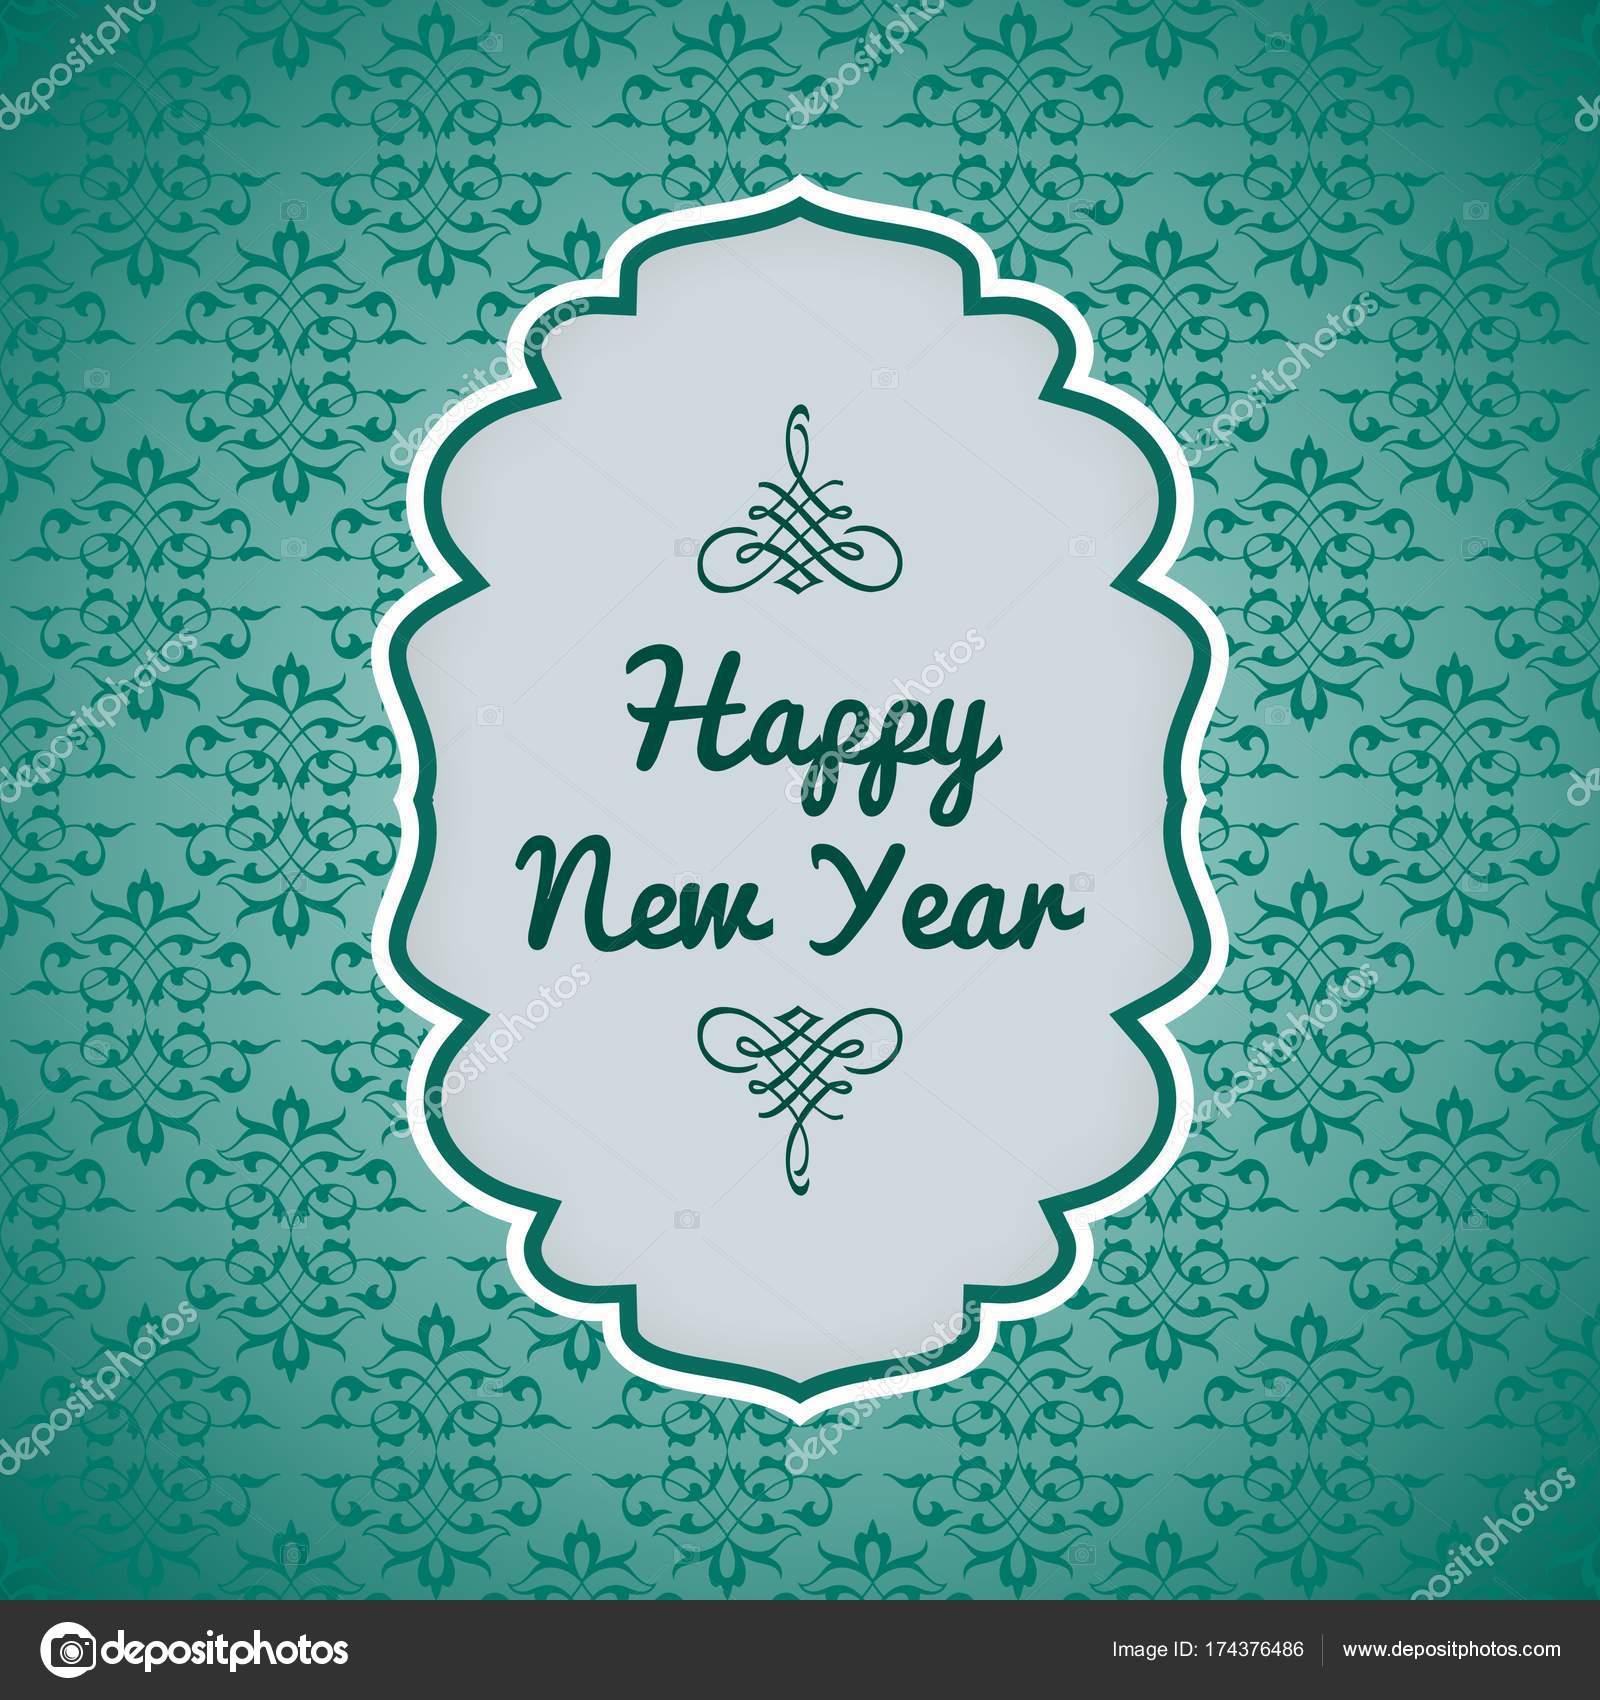 Frohes neues Jahr wünschen Karte mit eleganten Teal Muster ...